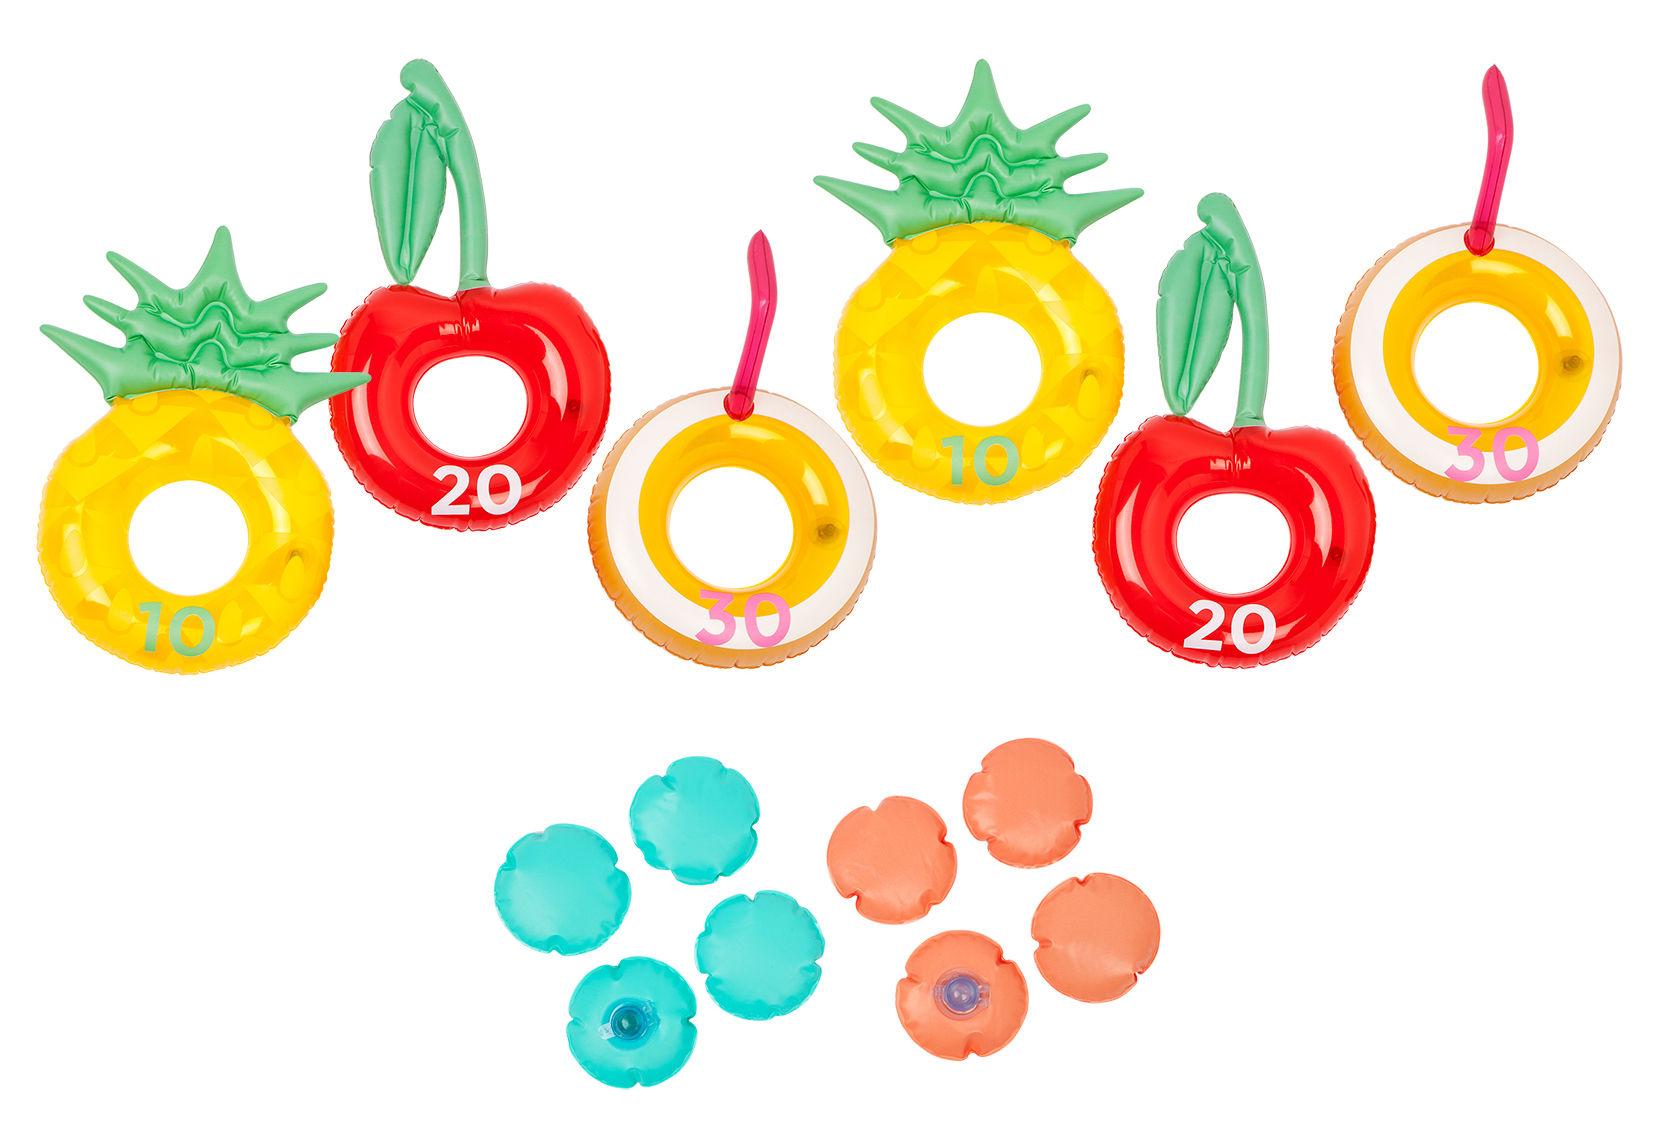 Déco - Pour les enfants - Jeu d'adresse Piña Colada / Gonflable & flottant - Sunnylife - Piña Colada - PVC non toxique